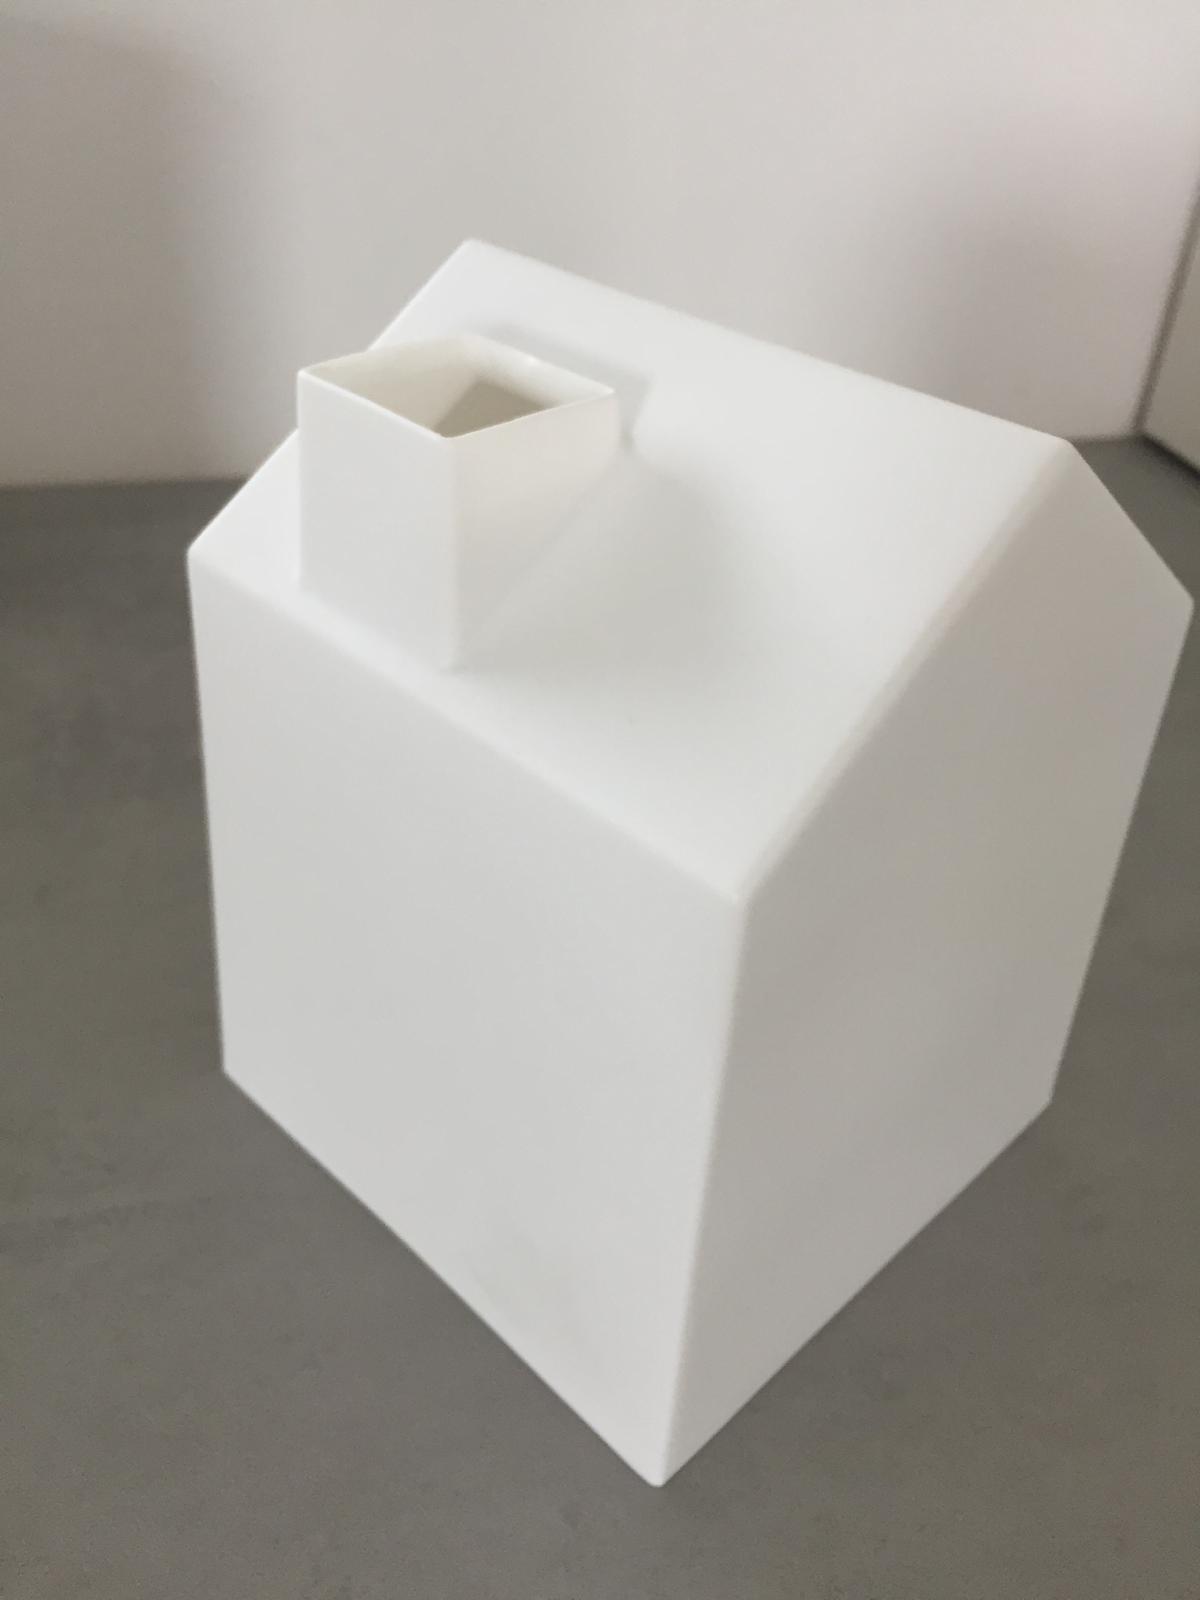 Krabička na papírové kapesníky Domeček - Obrázek č. 4